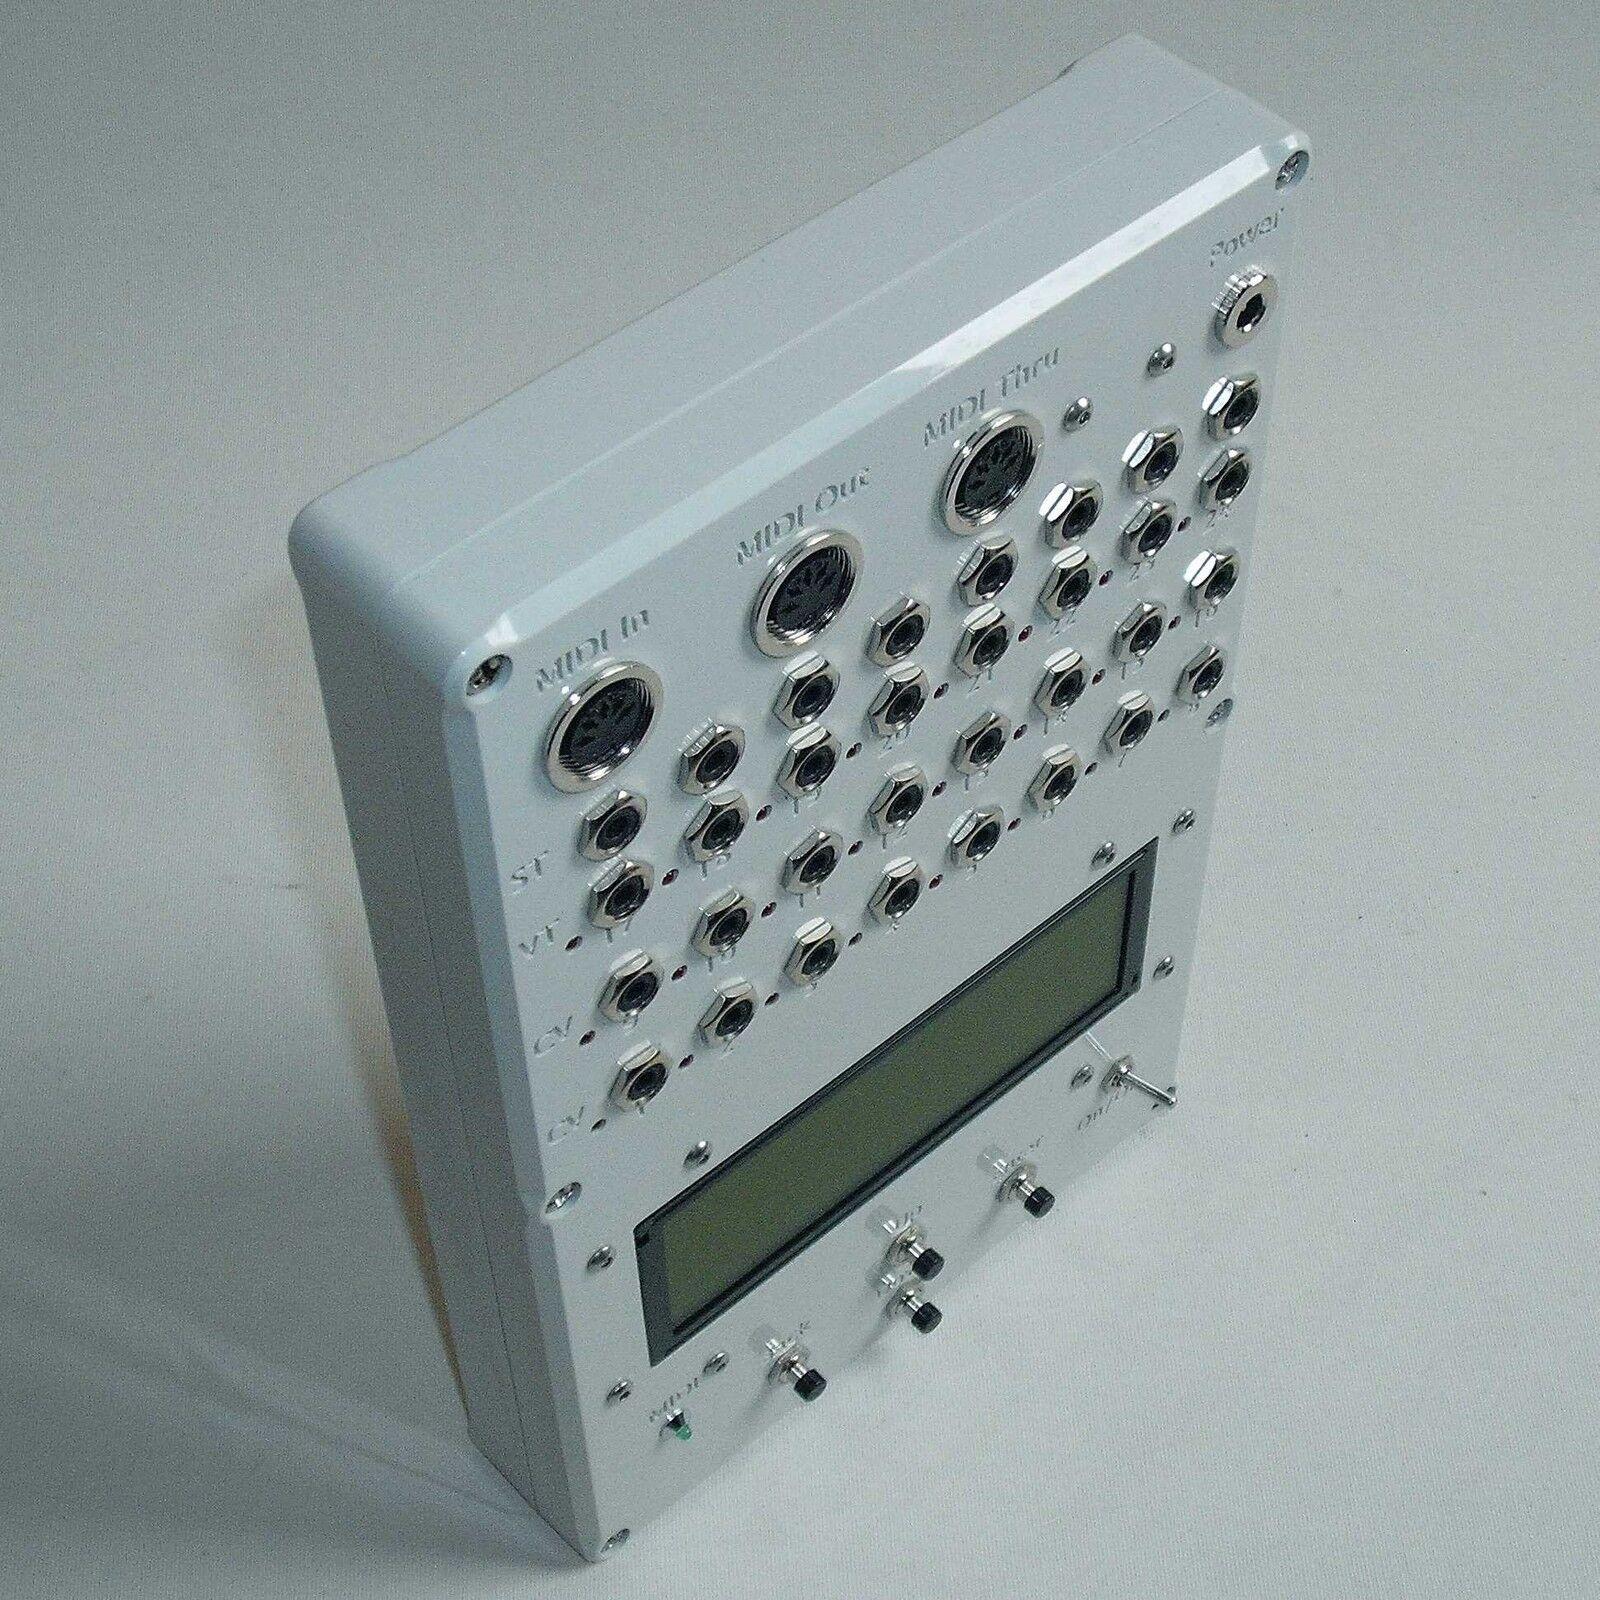 Midi to CV ConGrüner muc-800 16bit, 16 x CV, 8 x V-Trig (5v 10v), 8 x S-Trig